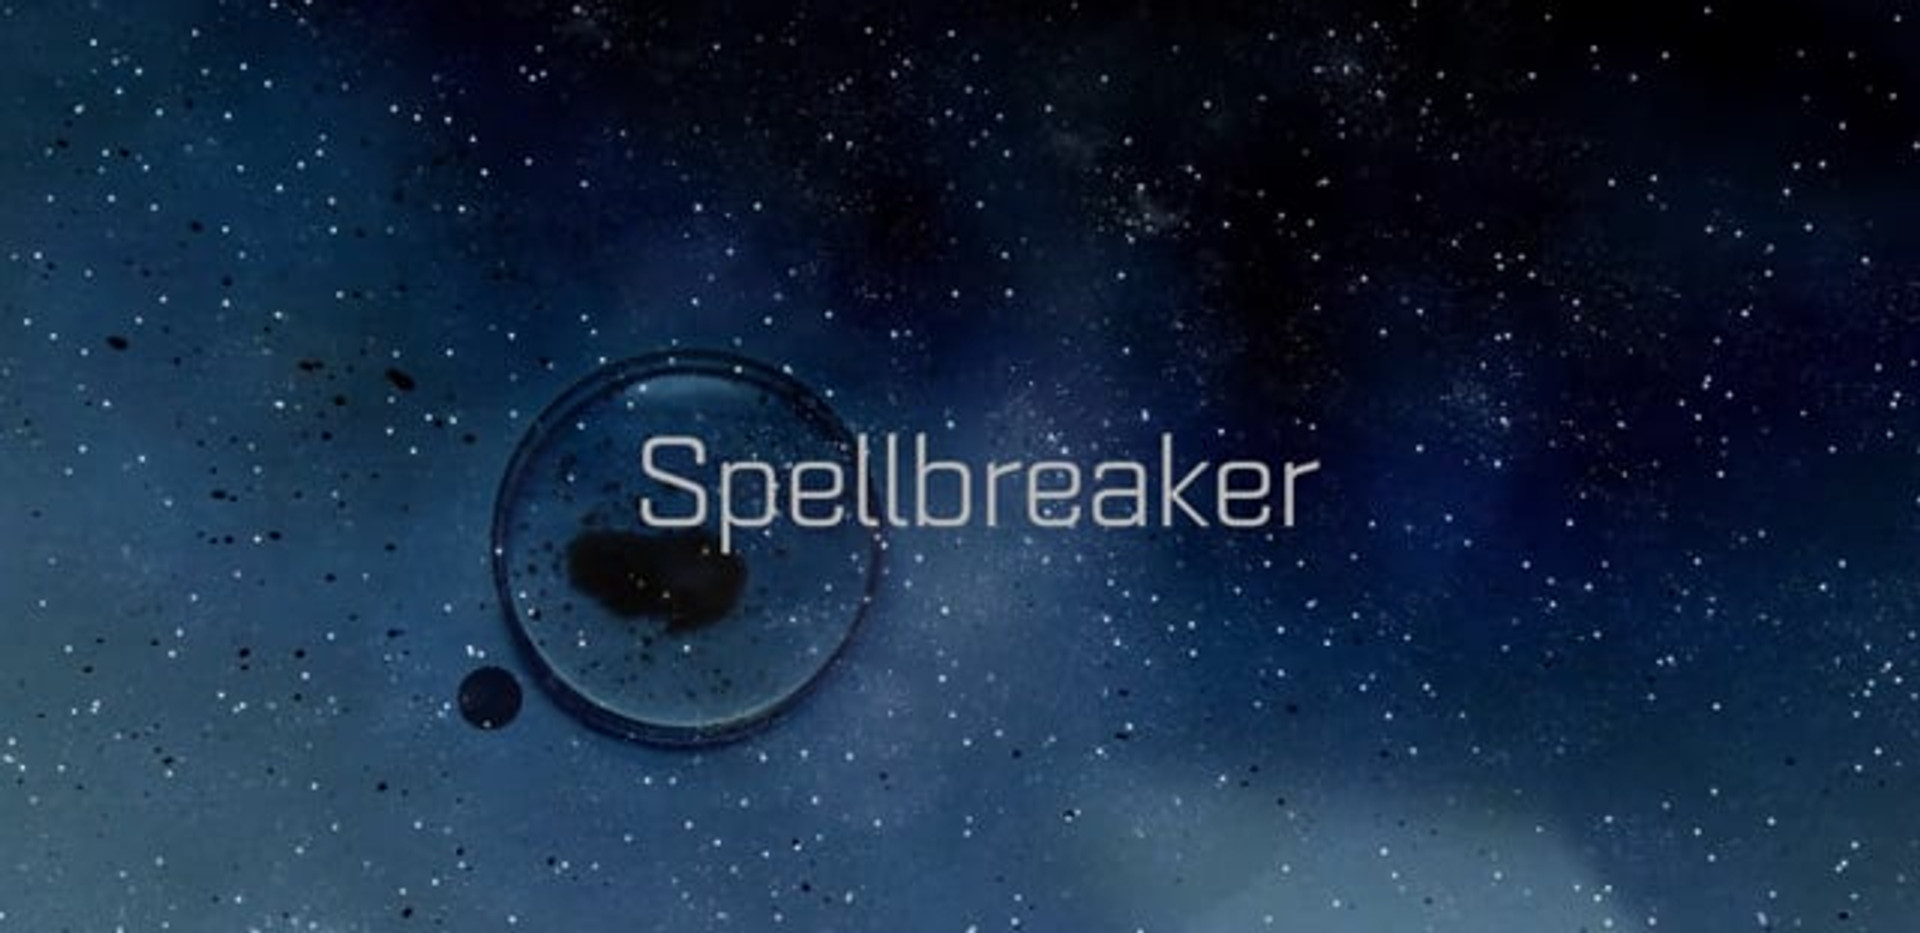 Spellbreaker (New Ground) 2019